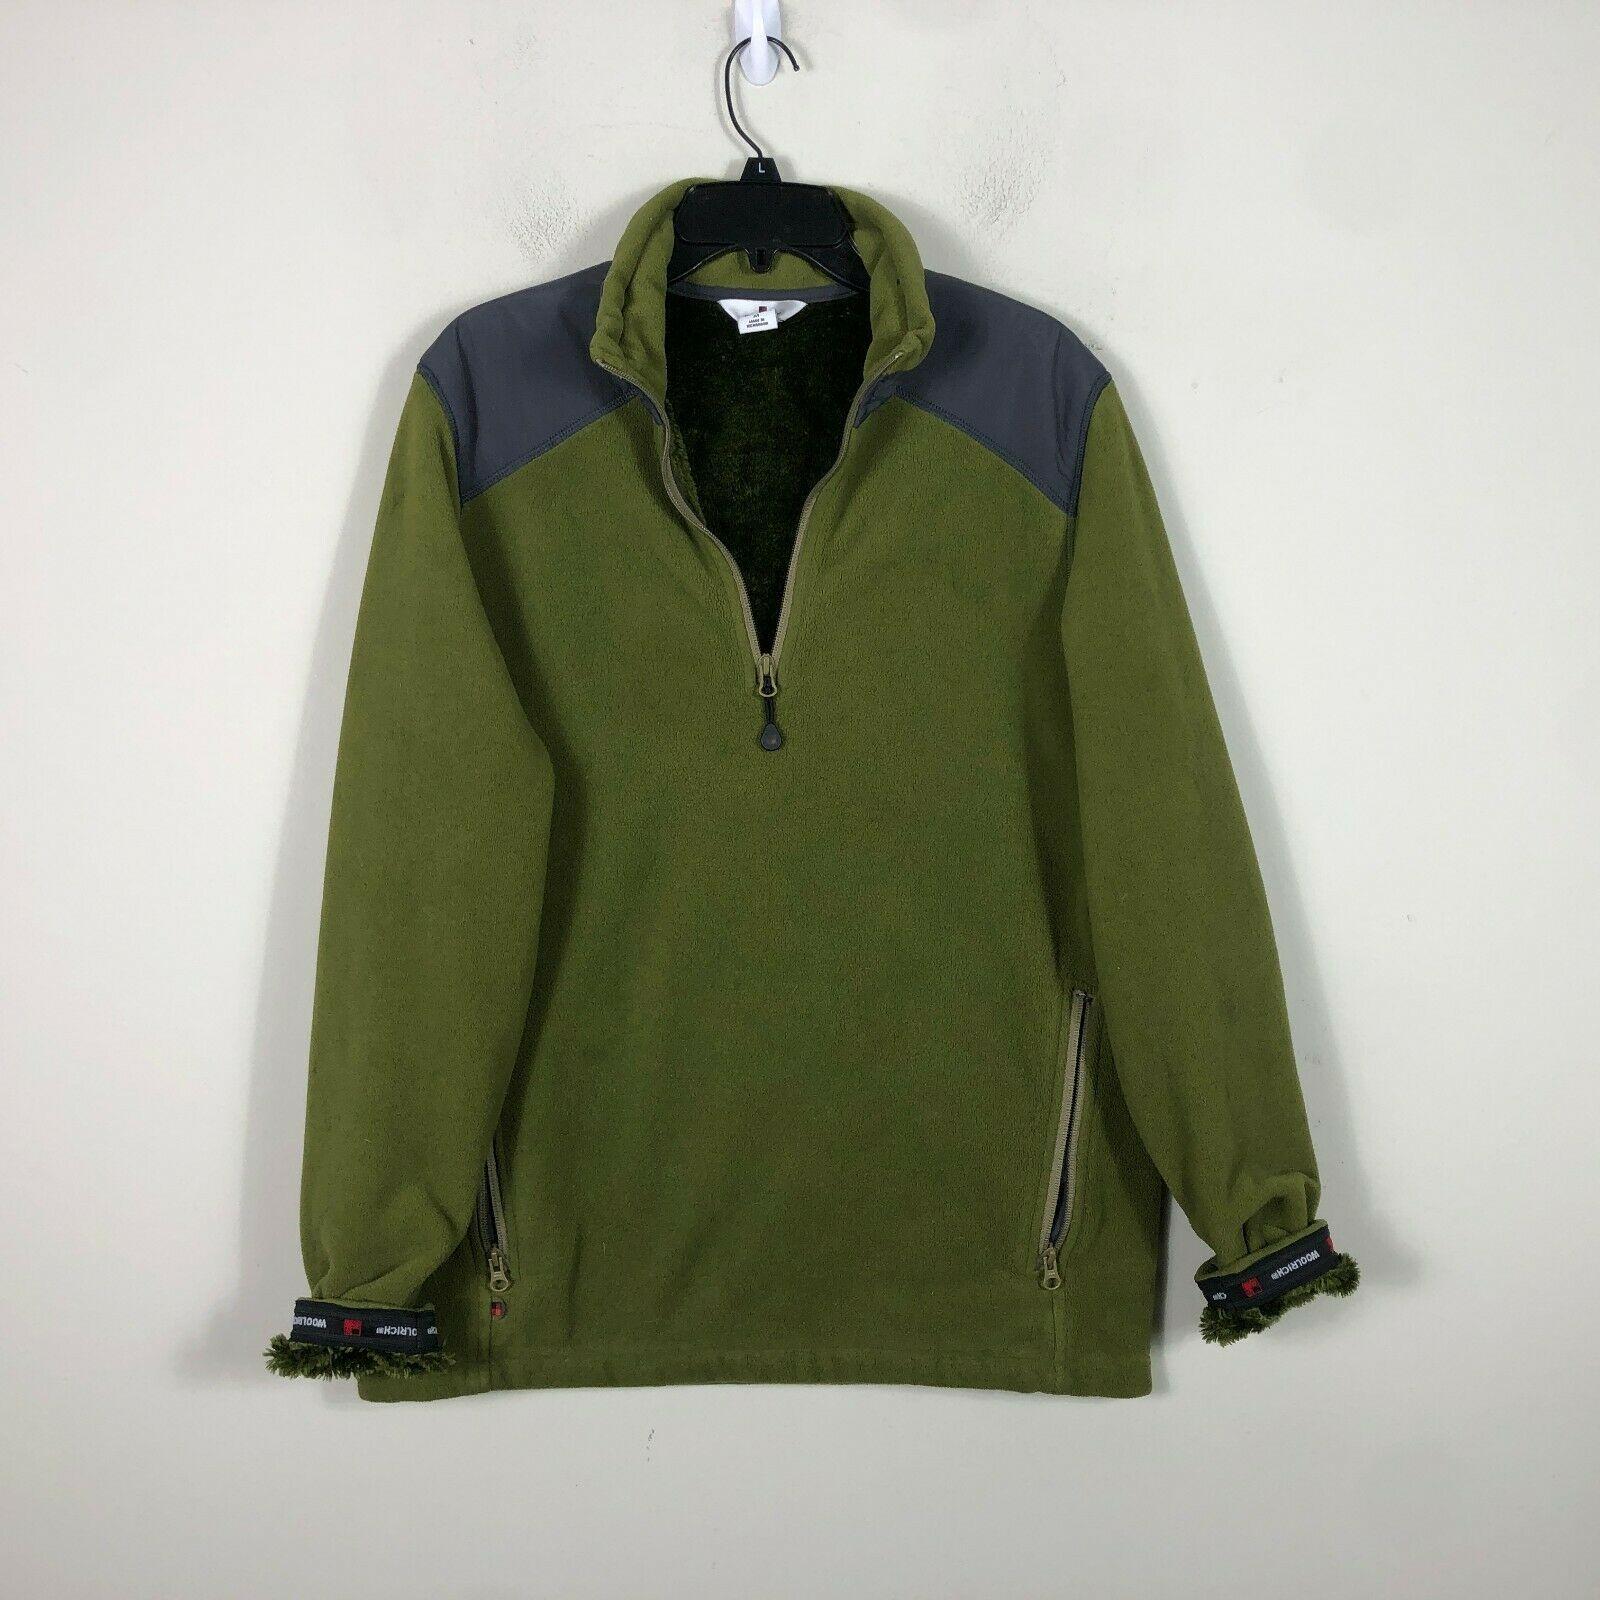 WoolRich Pile Fleece Jacket 1/2 Zip Men's M Green Long Sleeve Faux Fur Lined